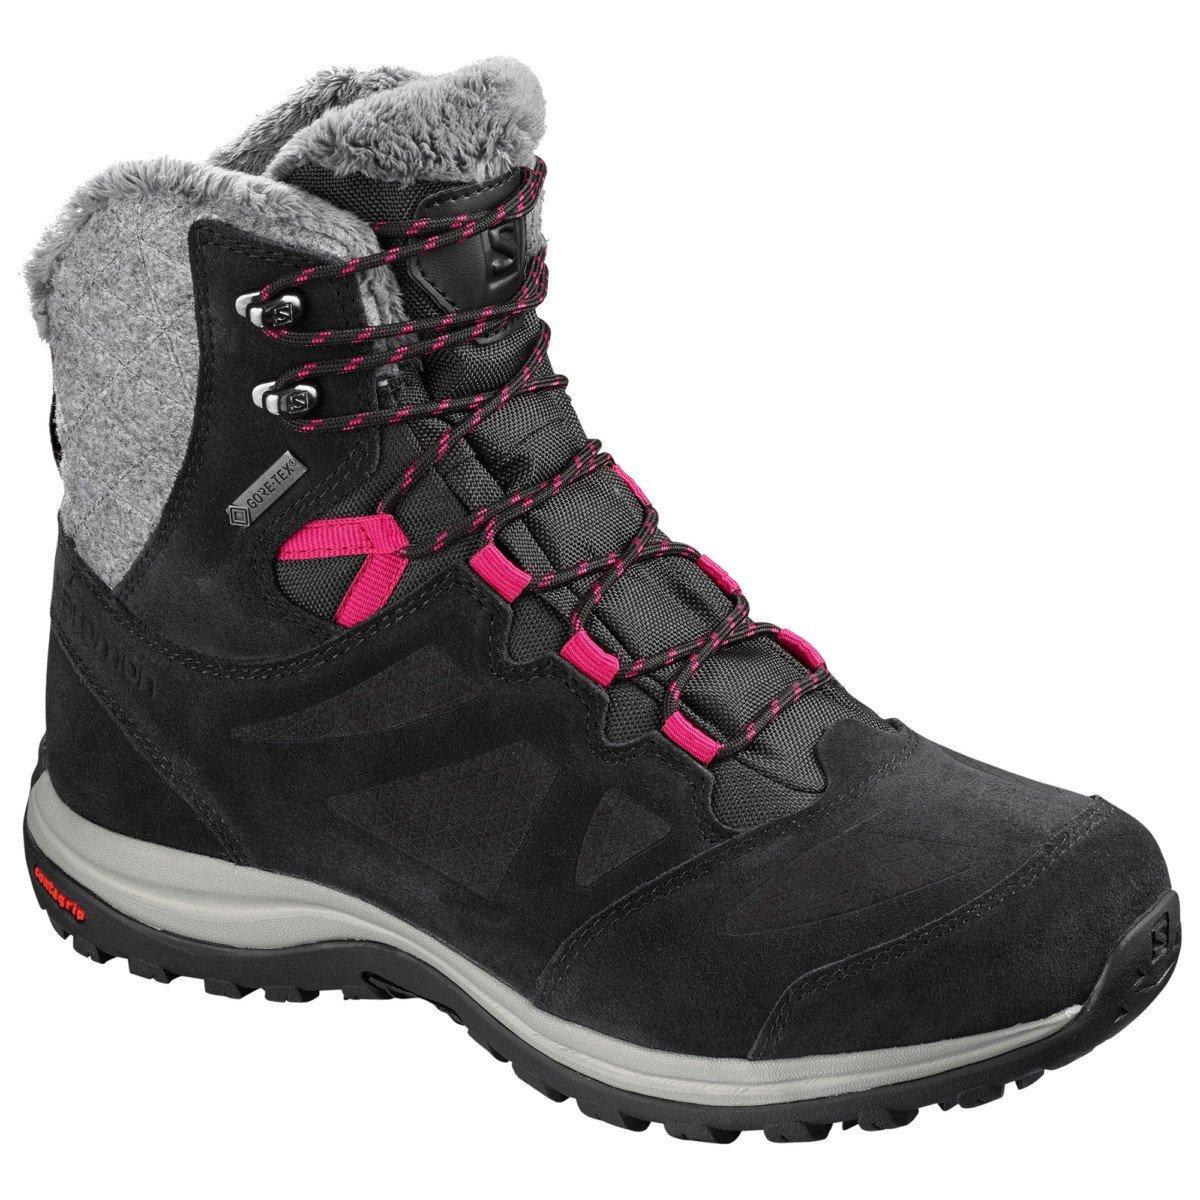 meilleure sélection 5841e bb7bc Salomon Ellipse Winter GTX, chaussure d'hiver chaude et imperméable femme.